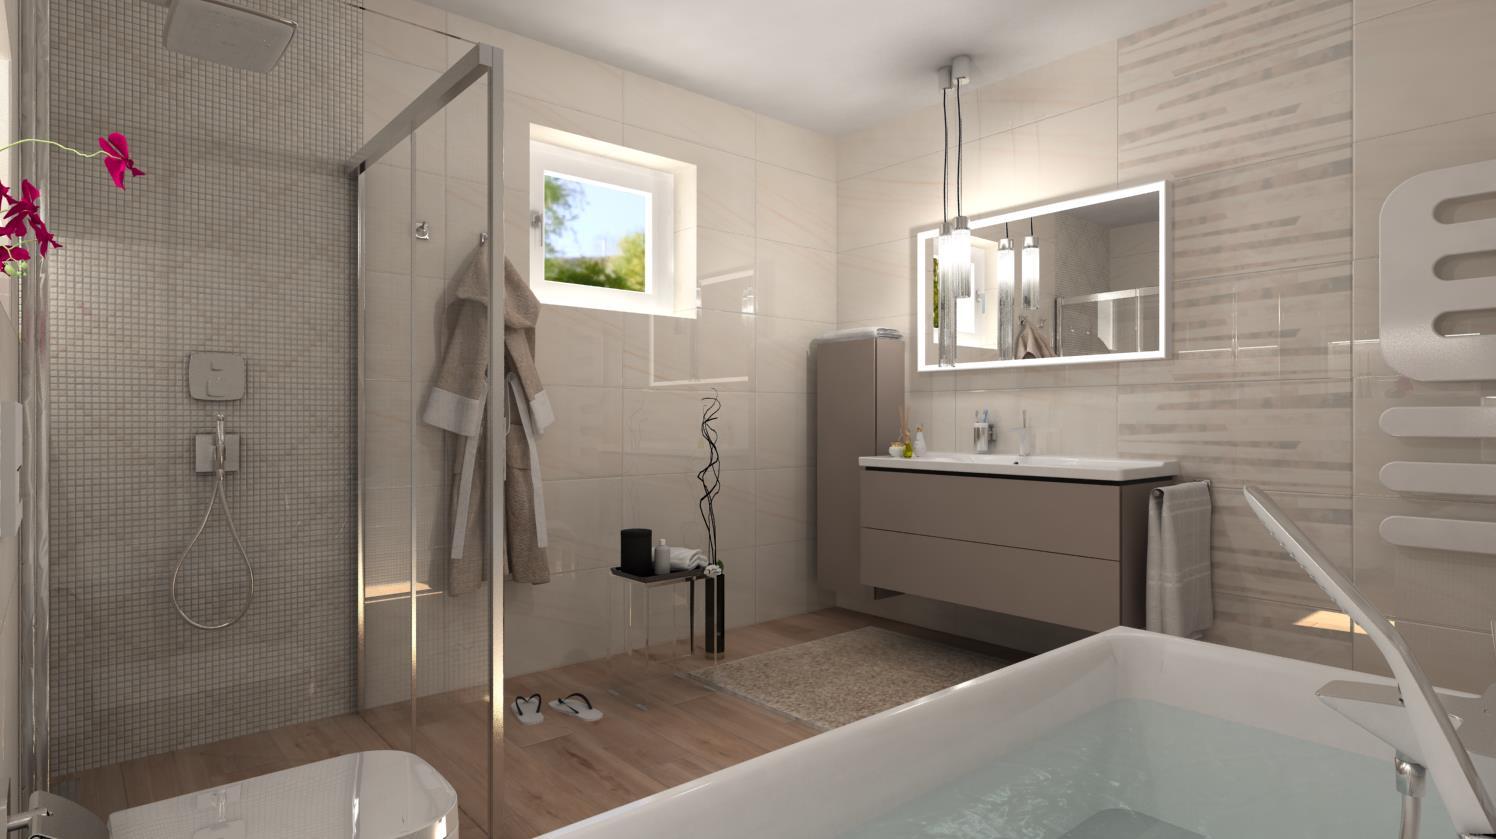 Vizualizácie kúpeľne - Obrázok č. 24